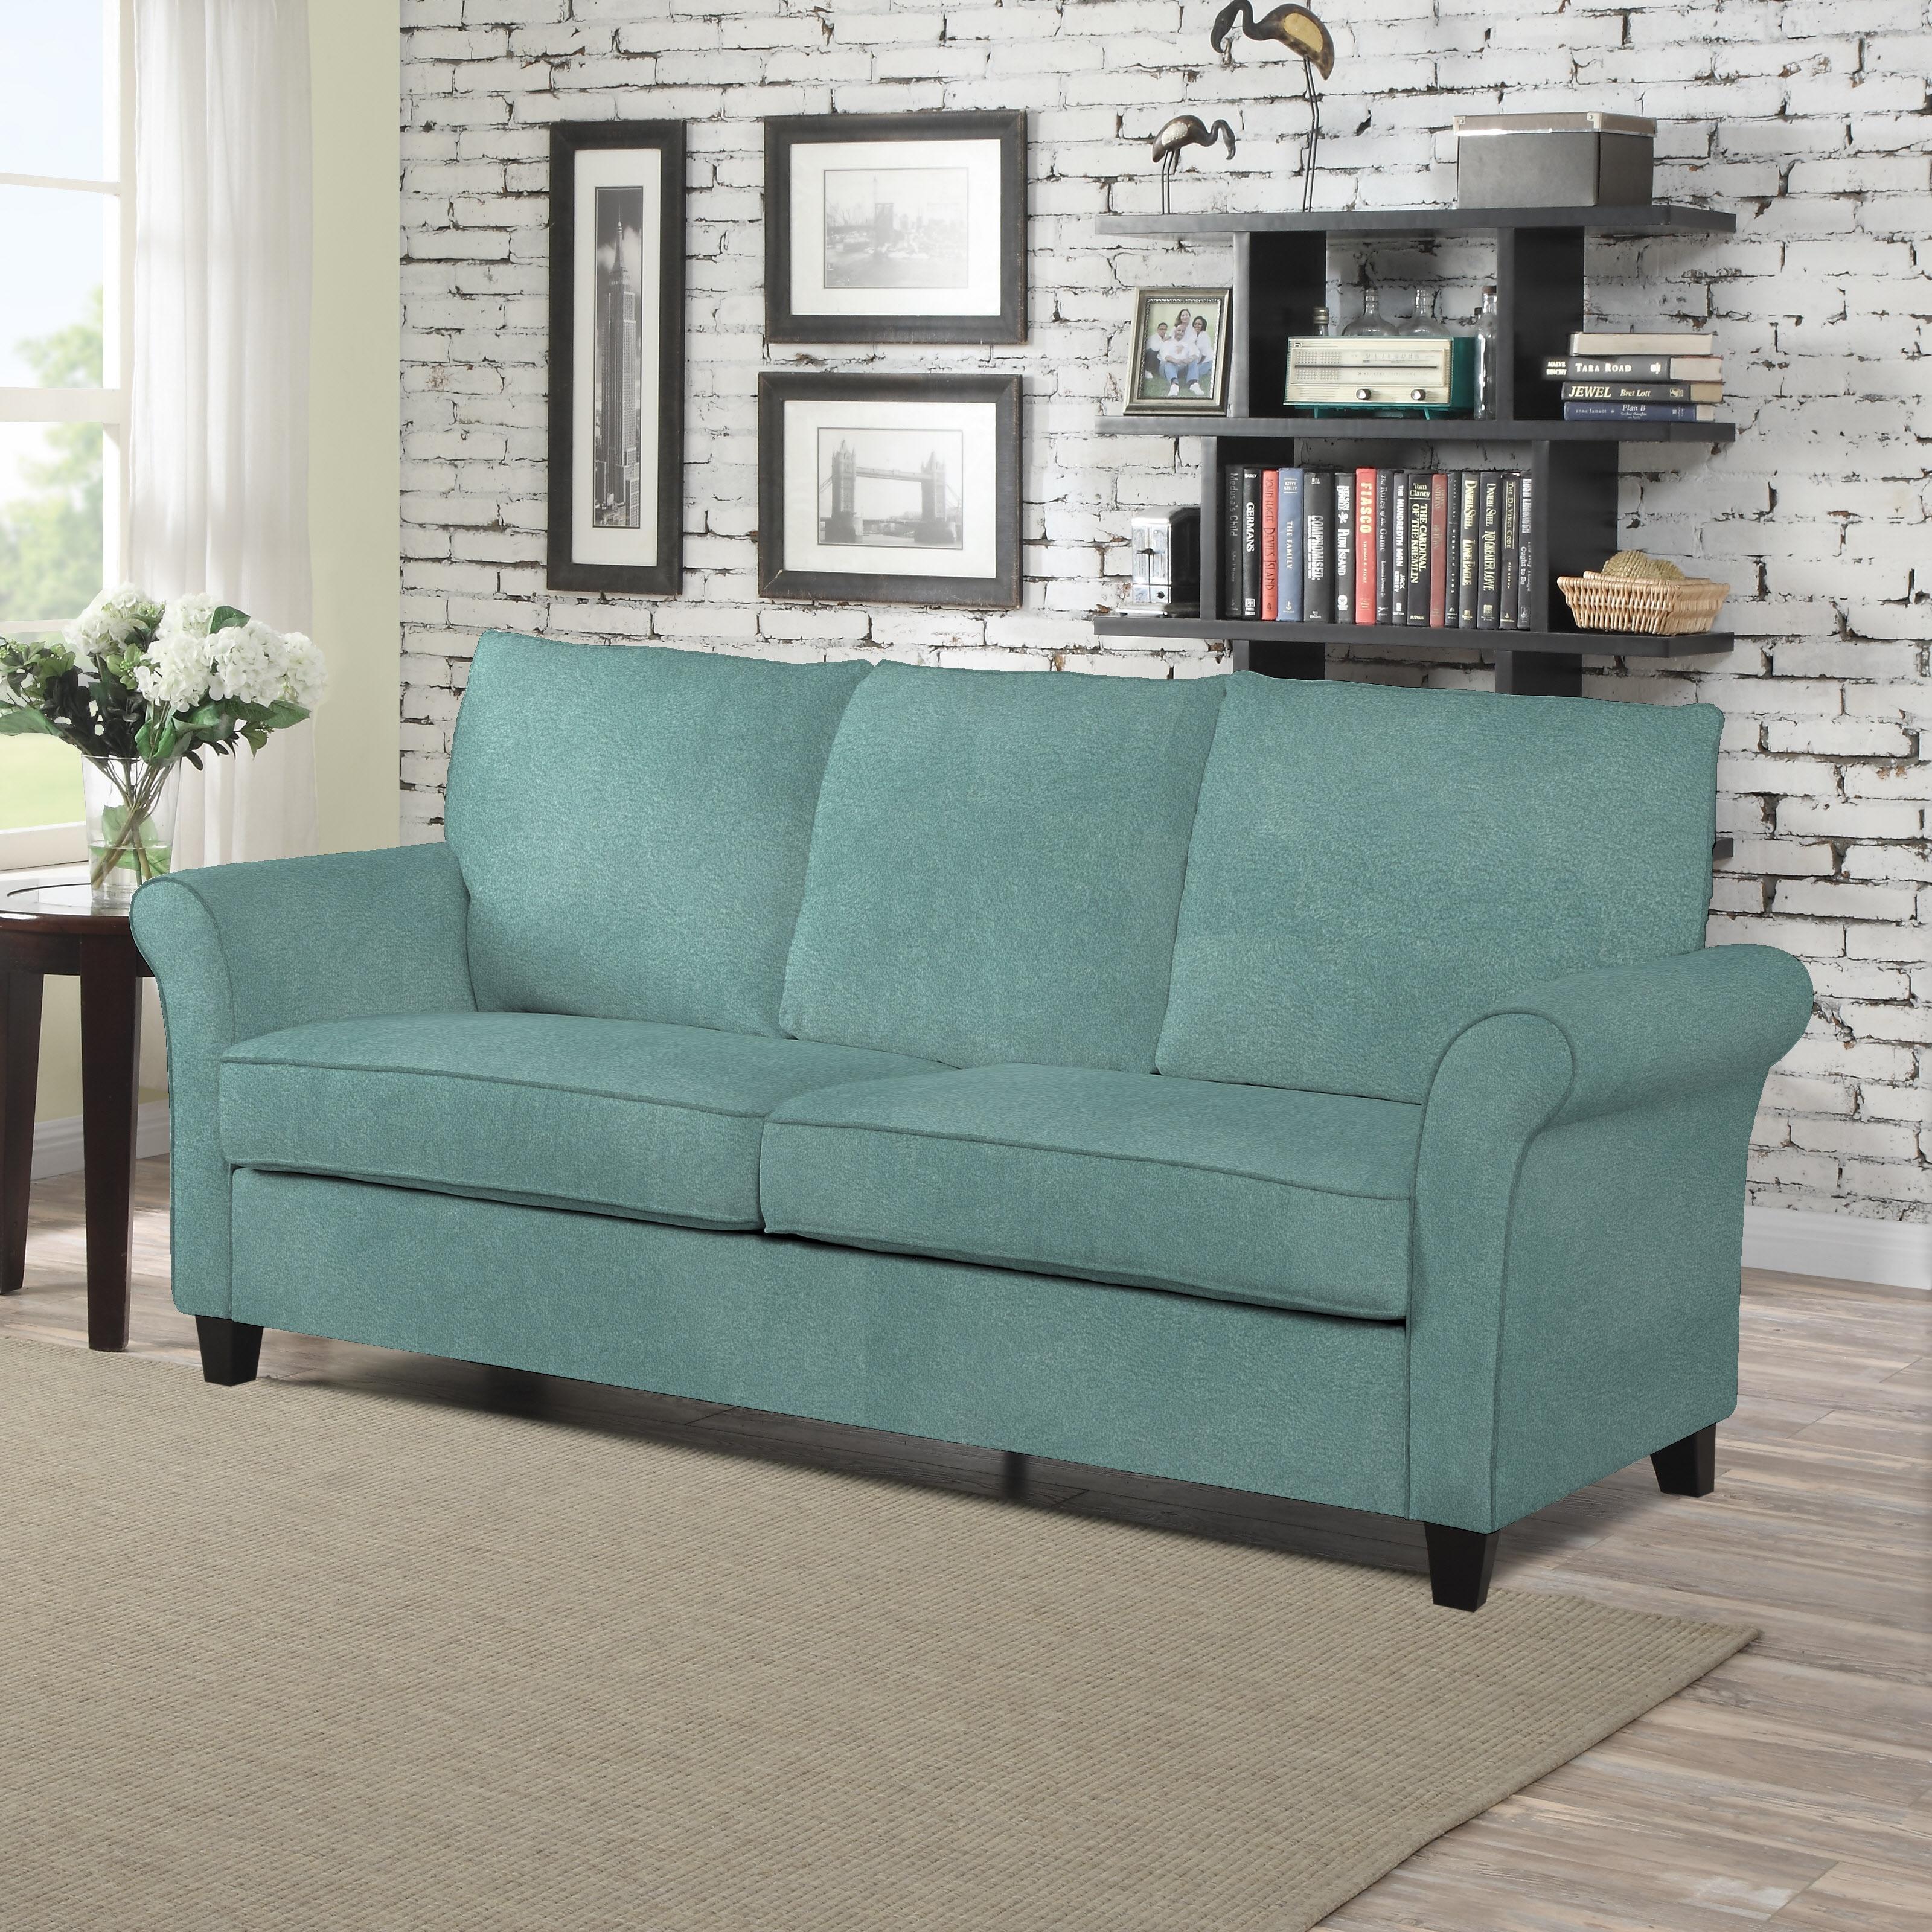 handy living radford turquoise velvet sofast sofa  free shipping  - handy living radford turquoise velvet sofast sofa  free shipping today overstockcom